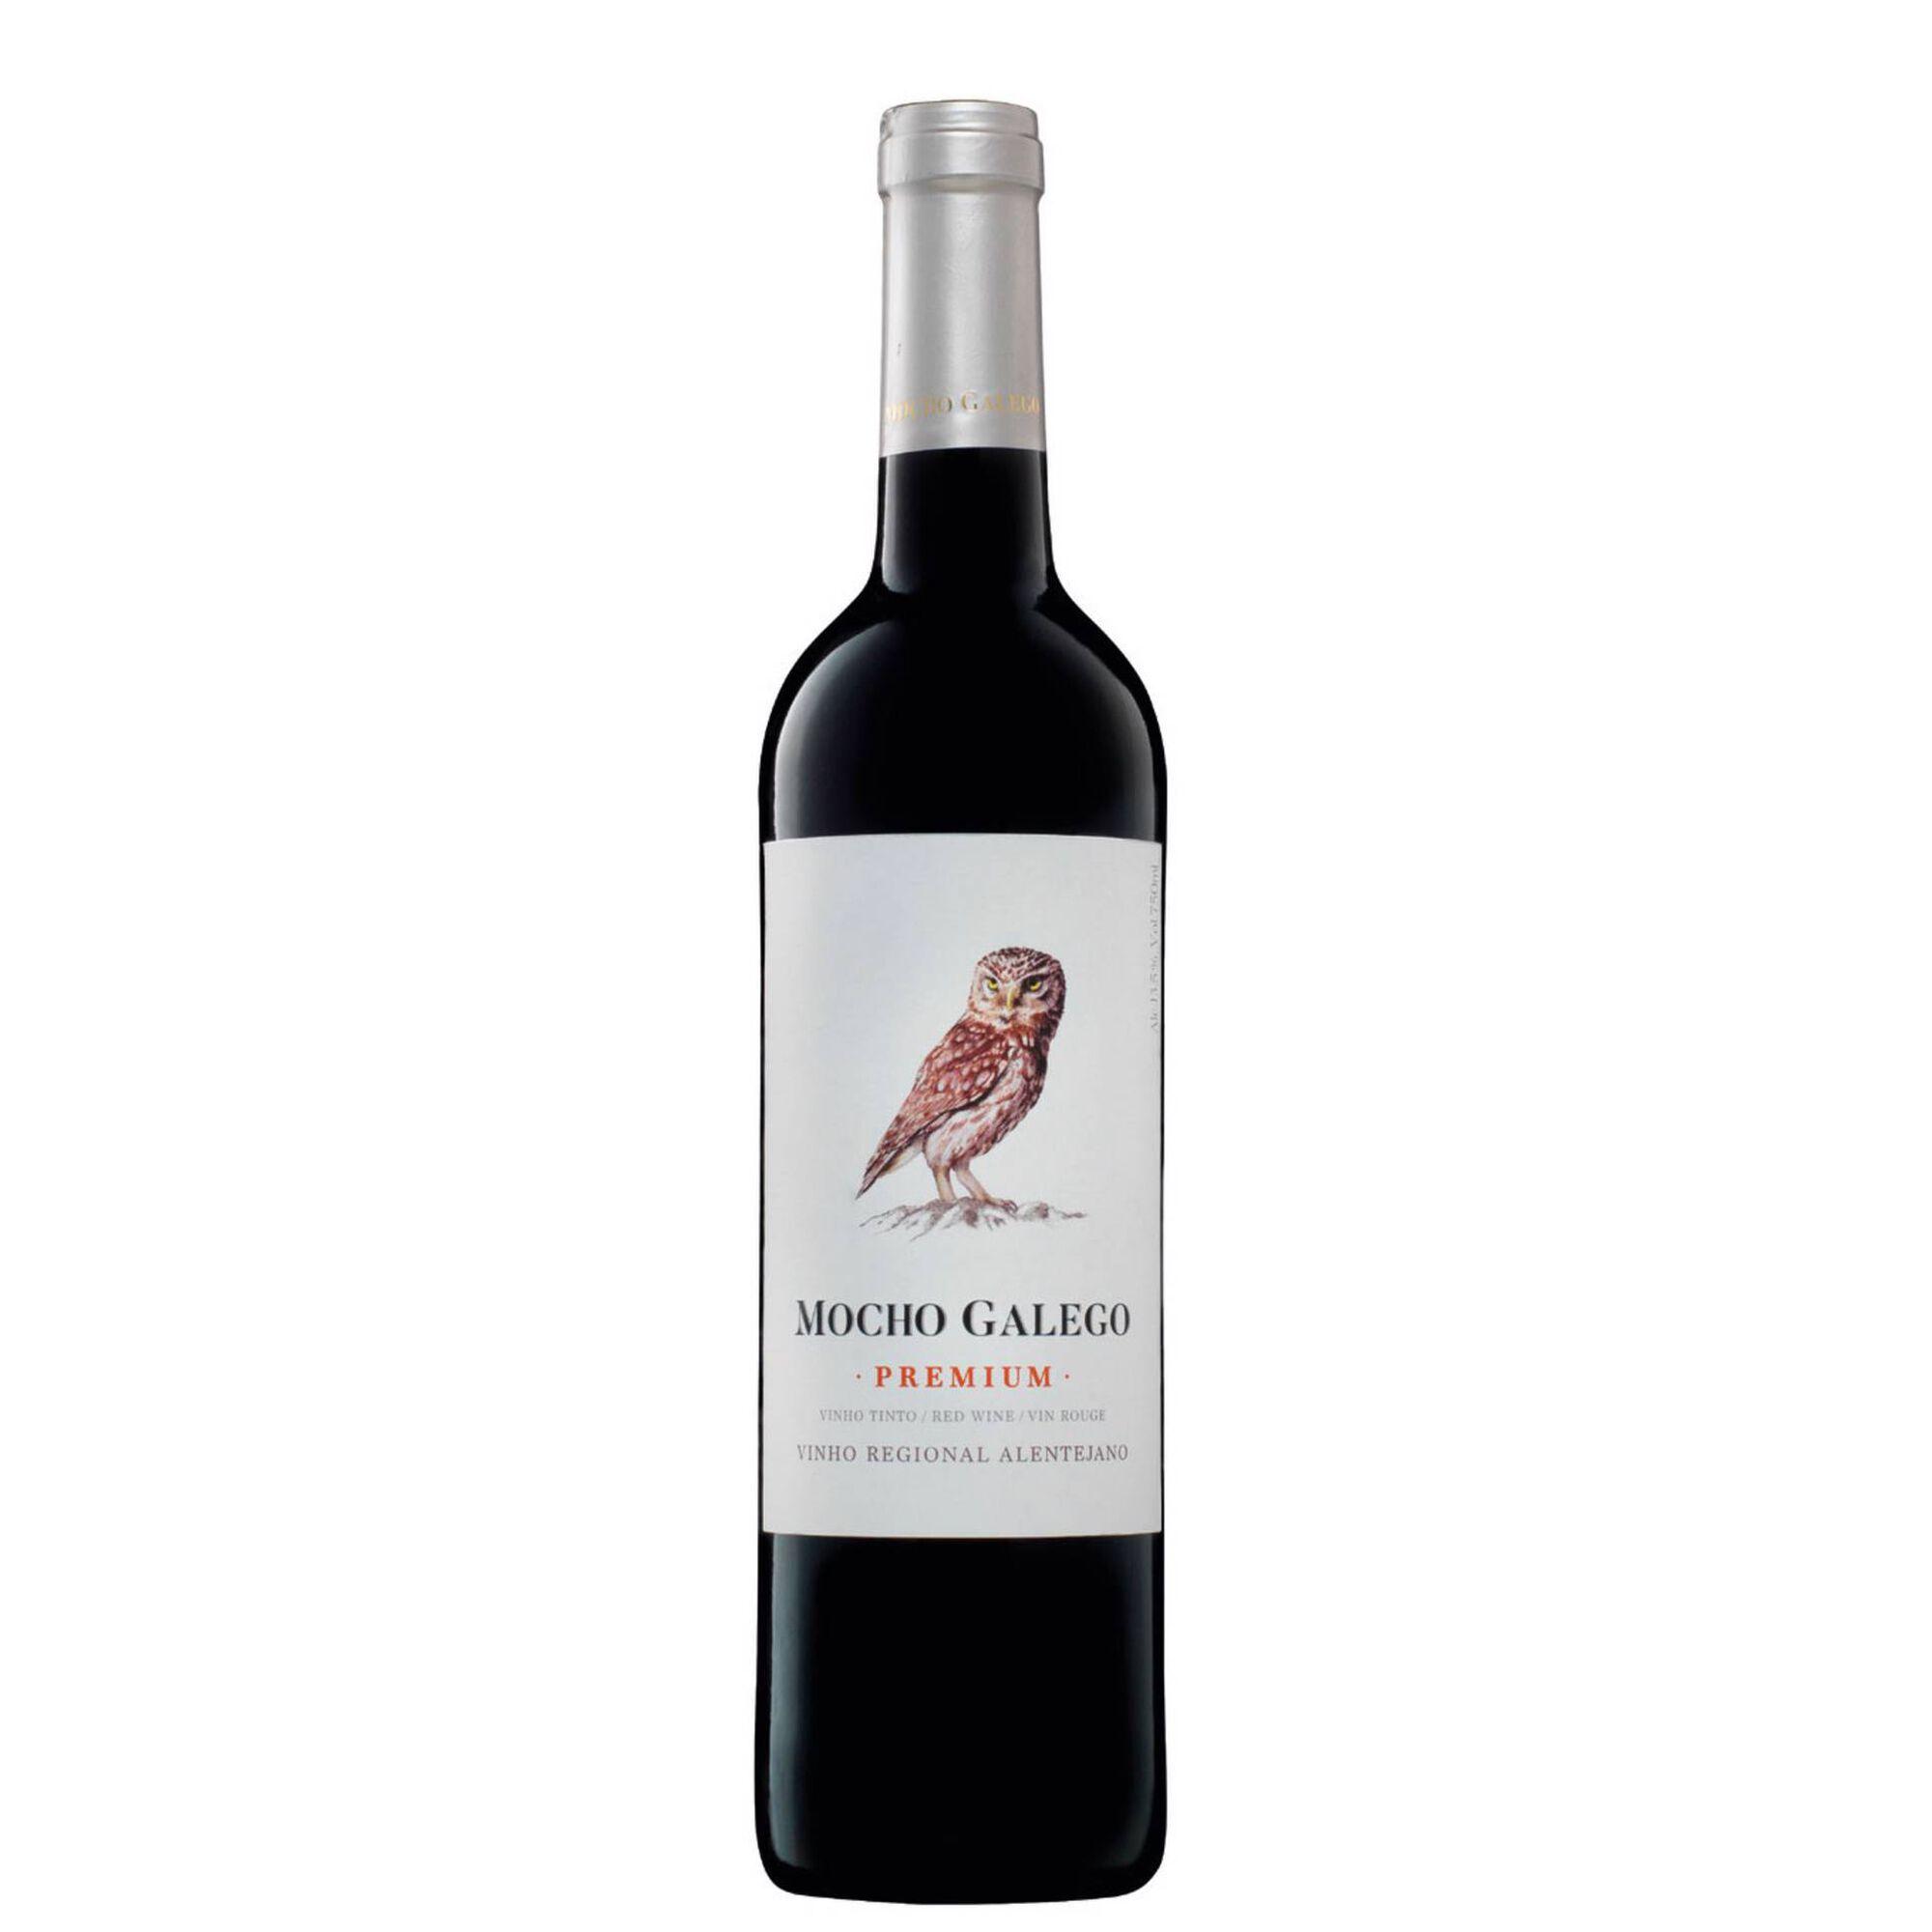 Mocho Galego Regional Alentejano Vinho Tinto